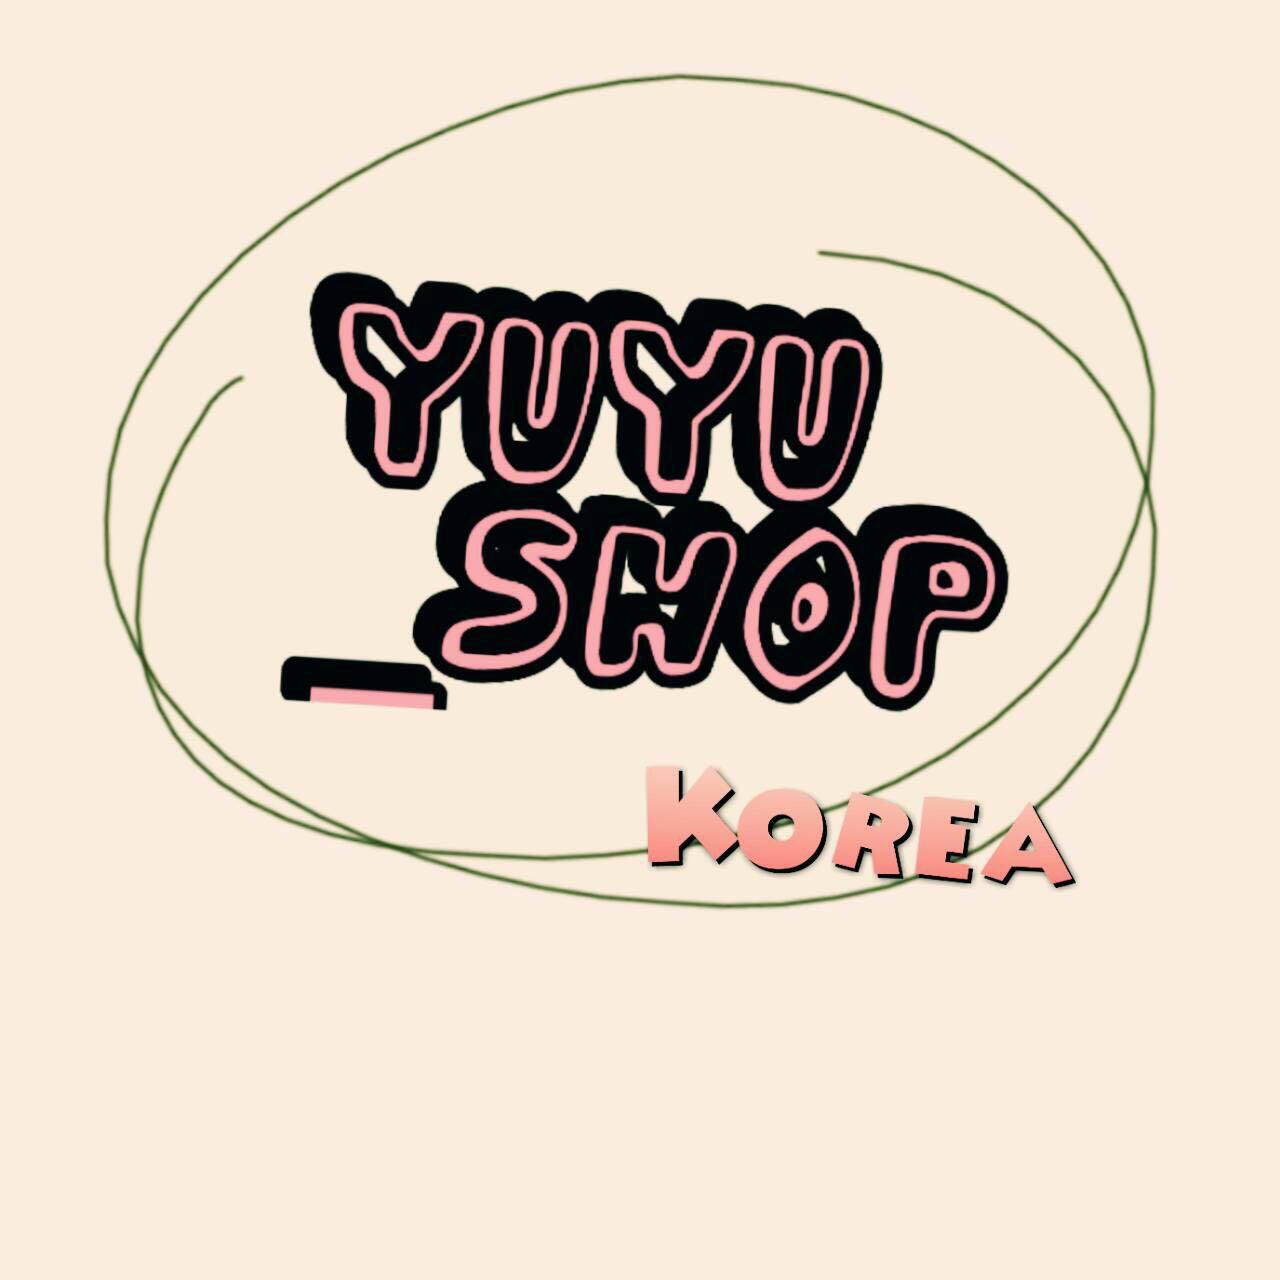 yuyukorea